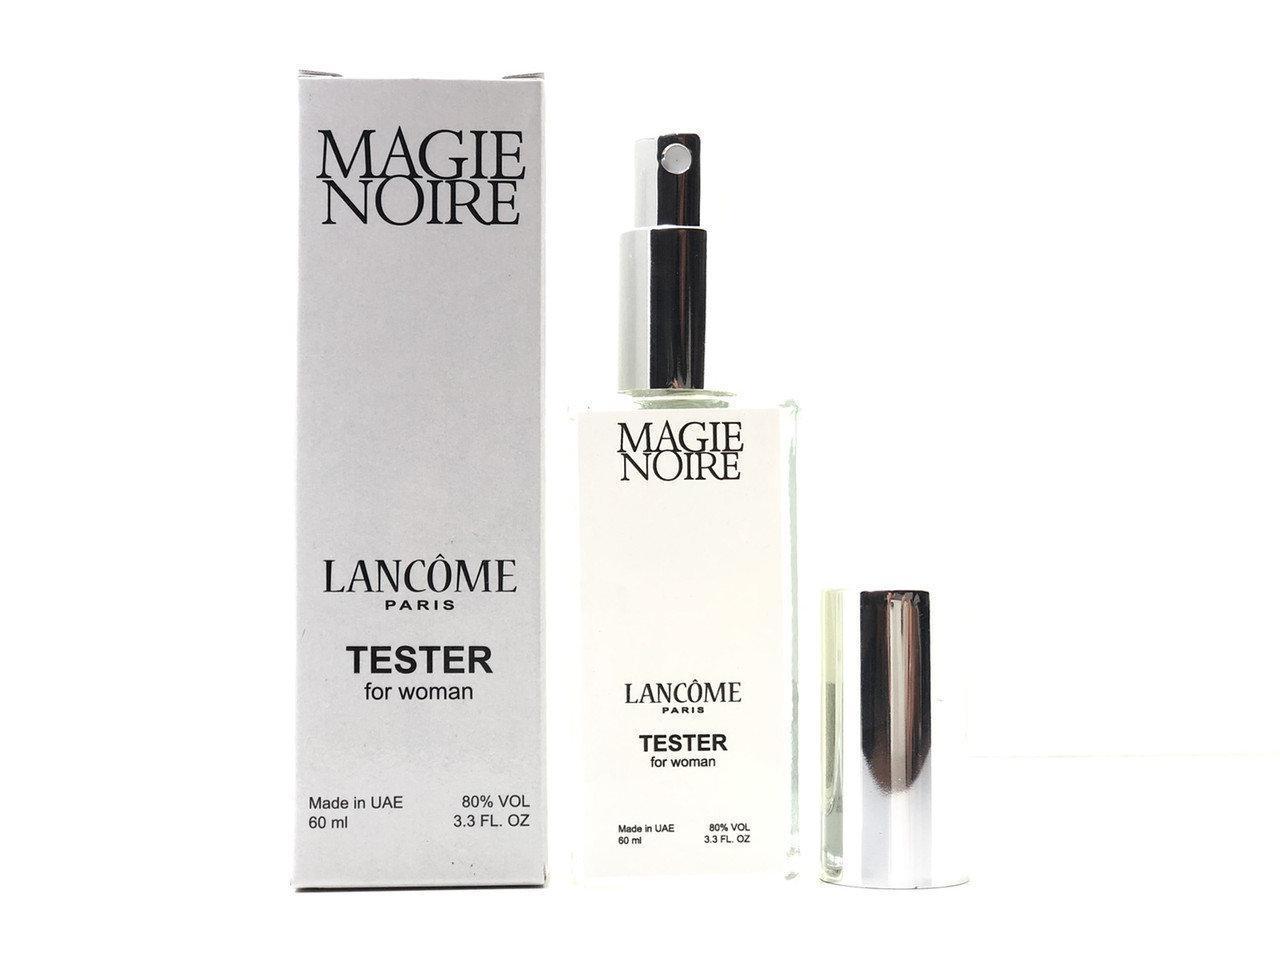 Женская туалетная вода Magie Noire Lancôme (ланком магия) в тестере 60 мл производства ОАЭ (реплика)